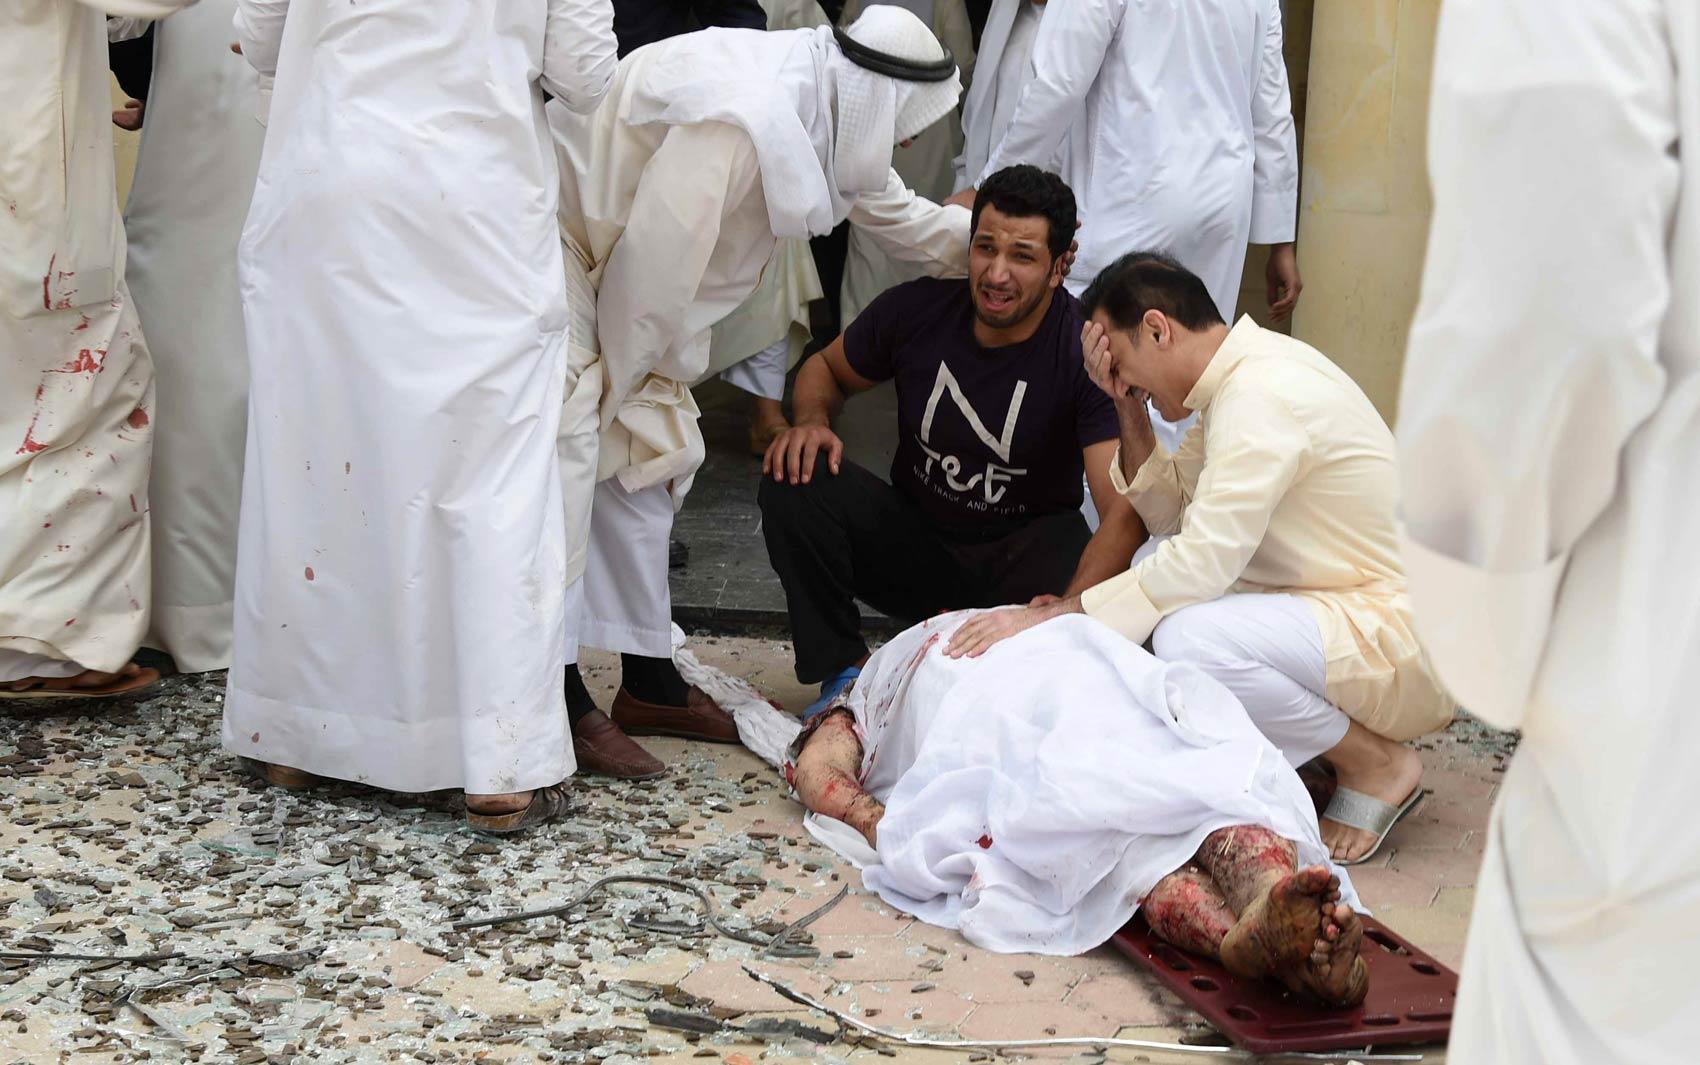 KUWAIT: Homens reagem diante do corpo de uma vítima do ataque suicida a bomba em uma mesquita da Cidade do Kuwait